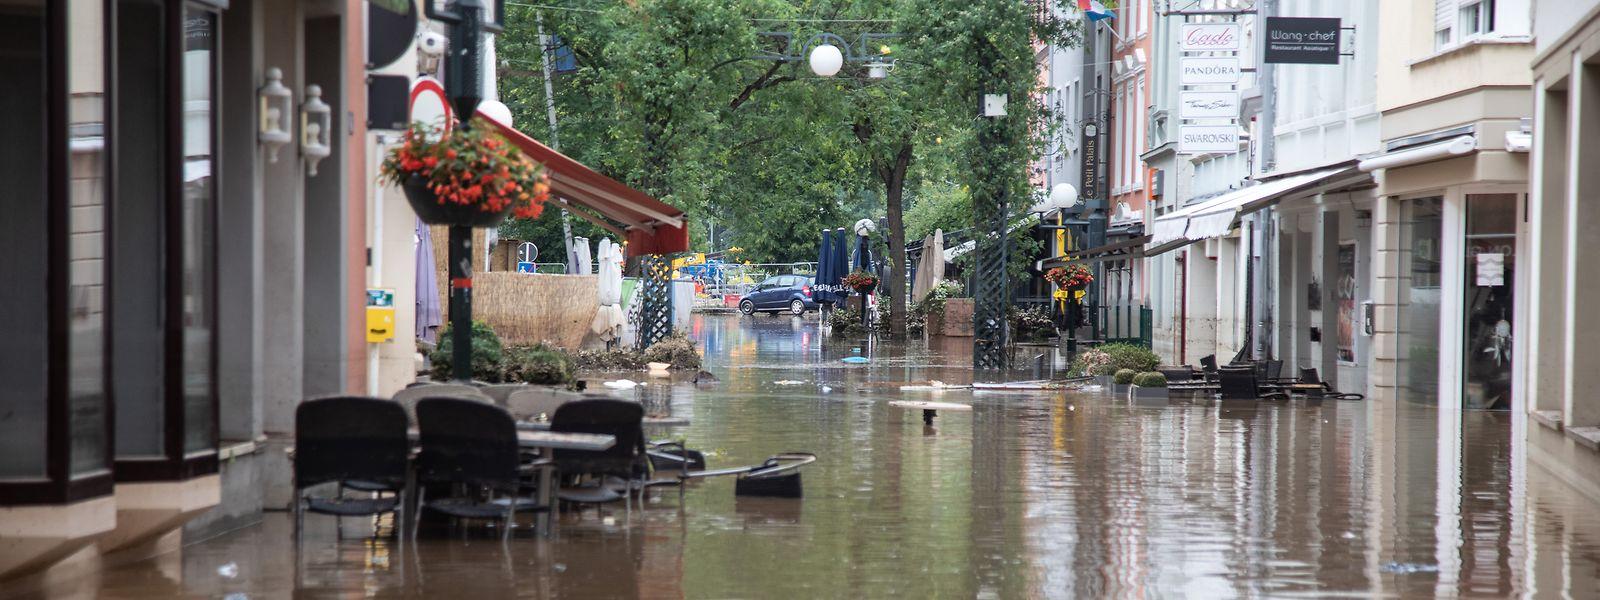 Echternach's main shopping street under water